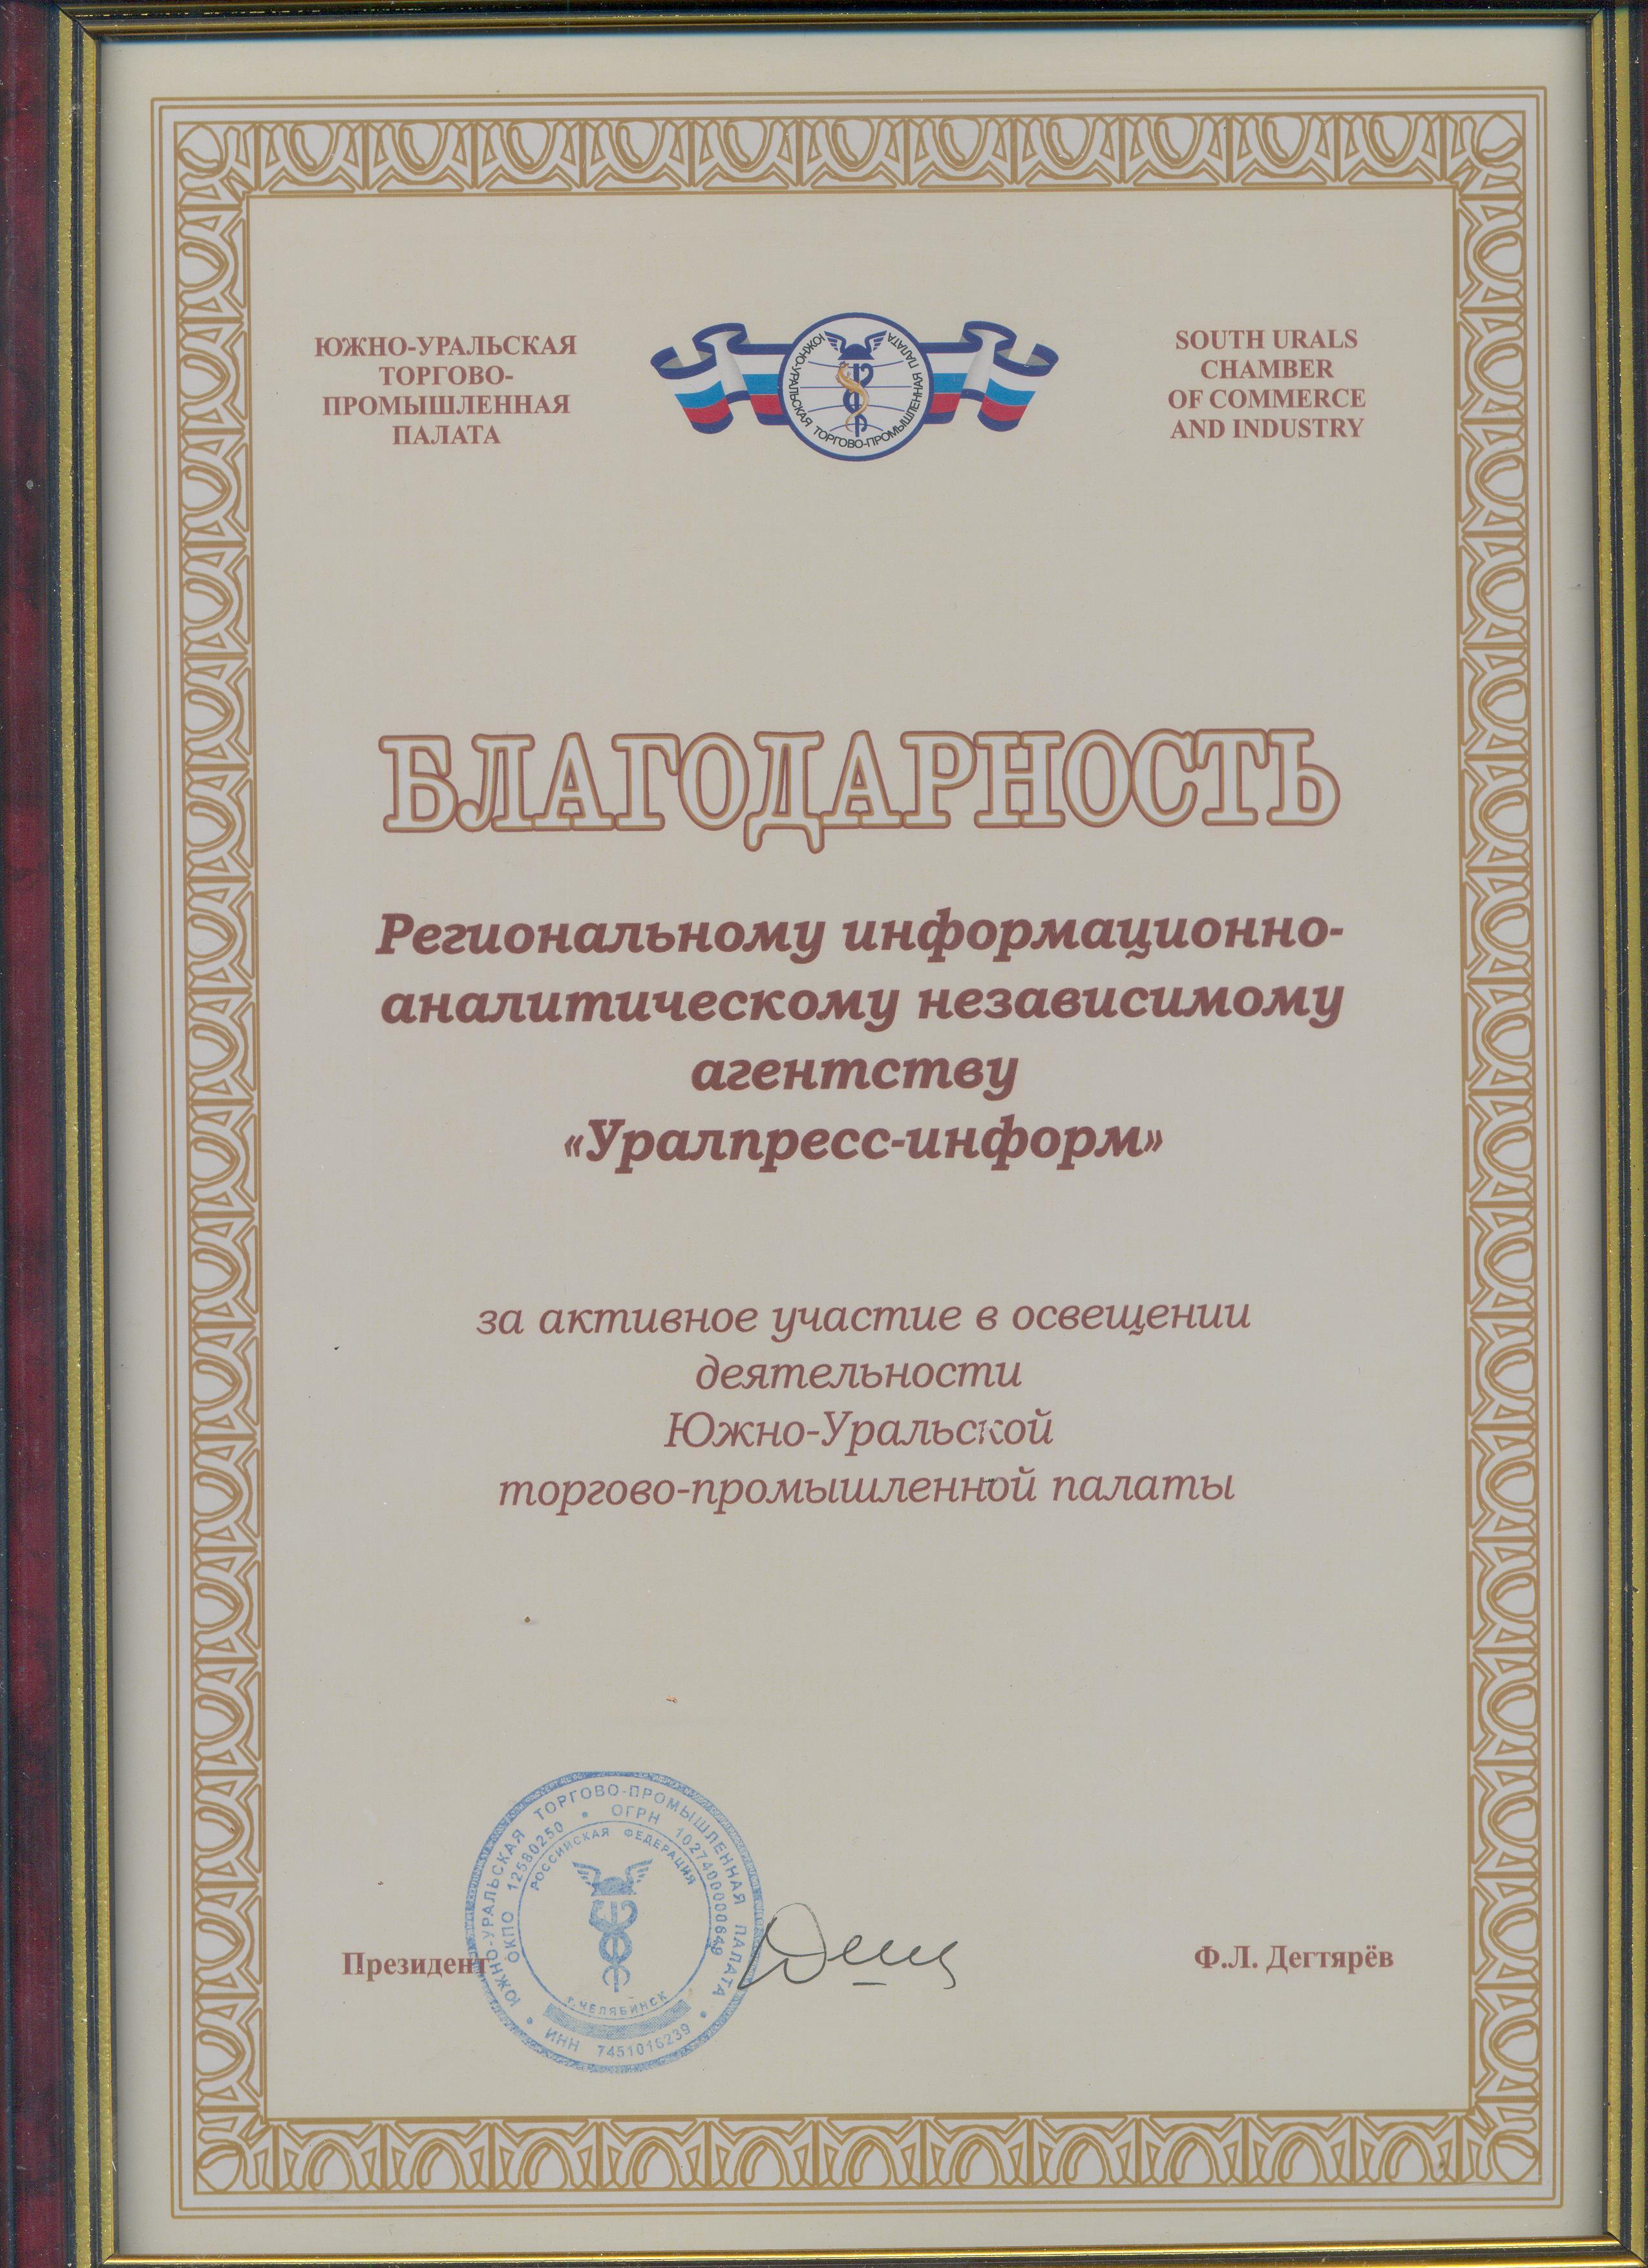 2012   Южно-Уральская Торгово-промышленная палата